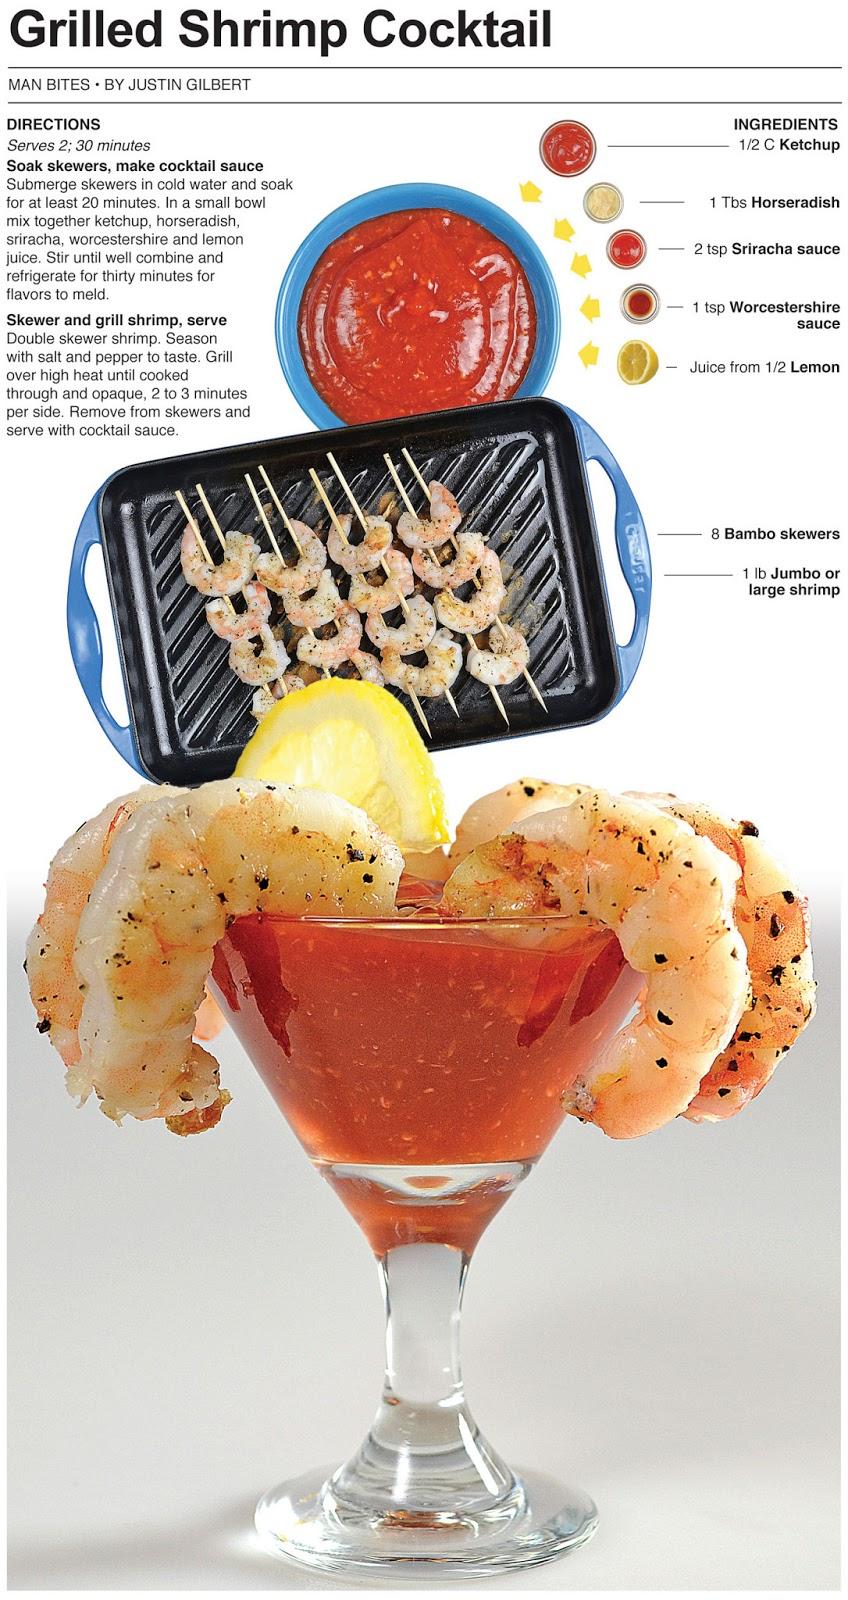 Behind the Bites: Grilled Shrimp Cocktail